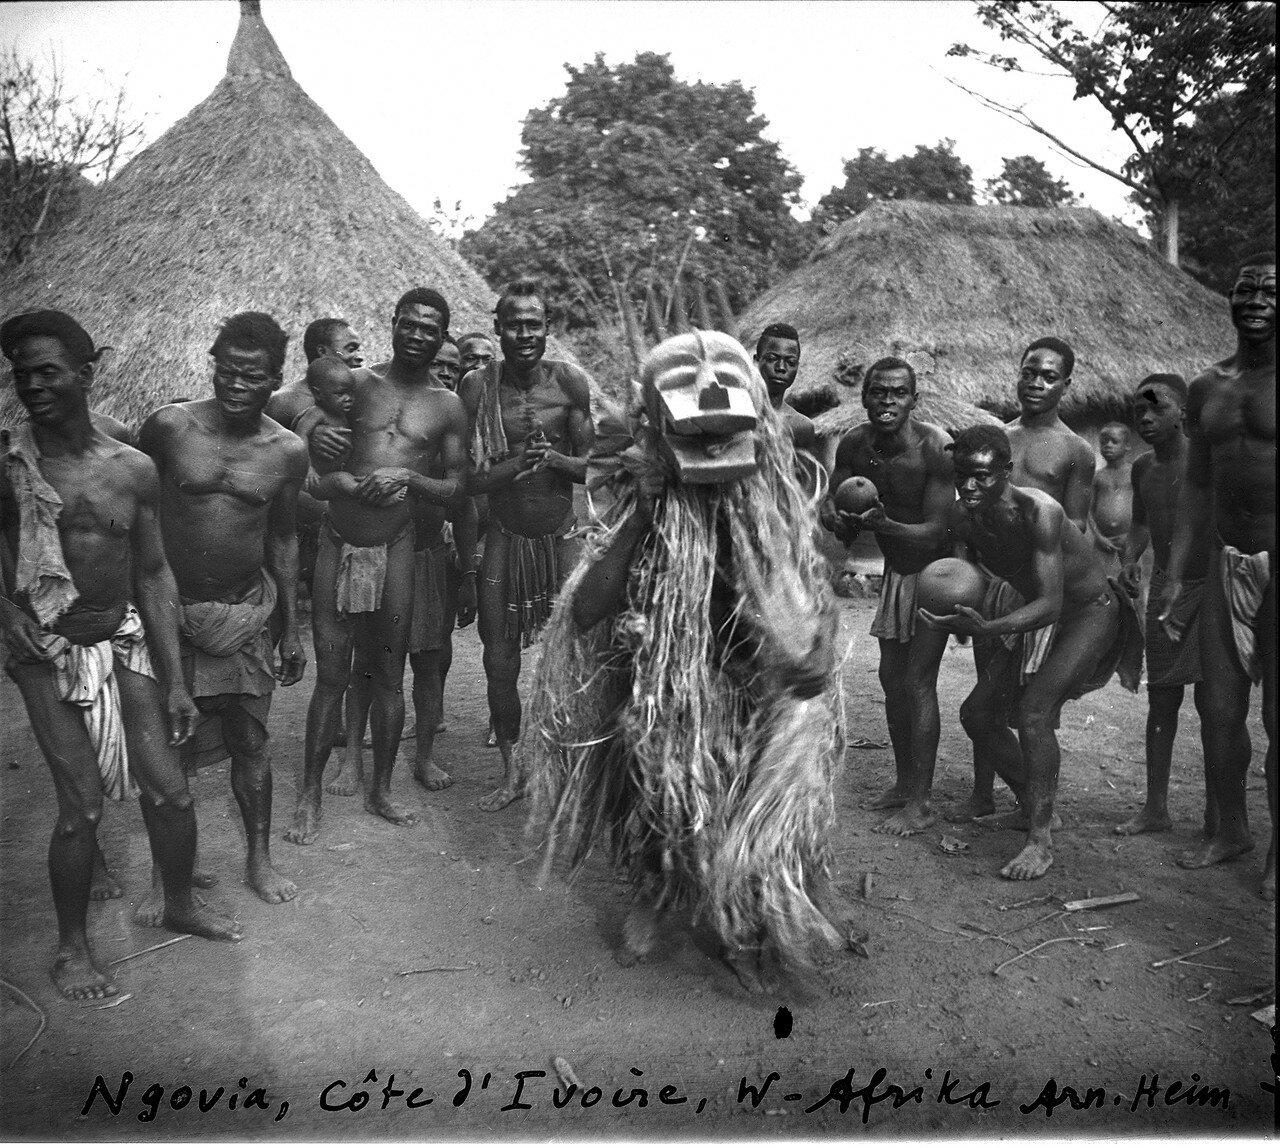 Берег Слоновой Кости. Ритуальные танцы с фетишем